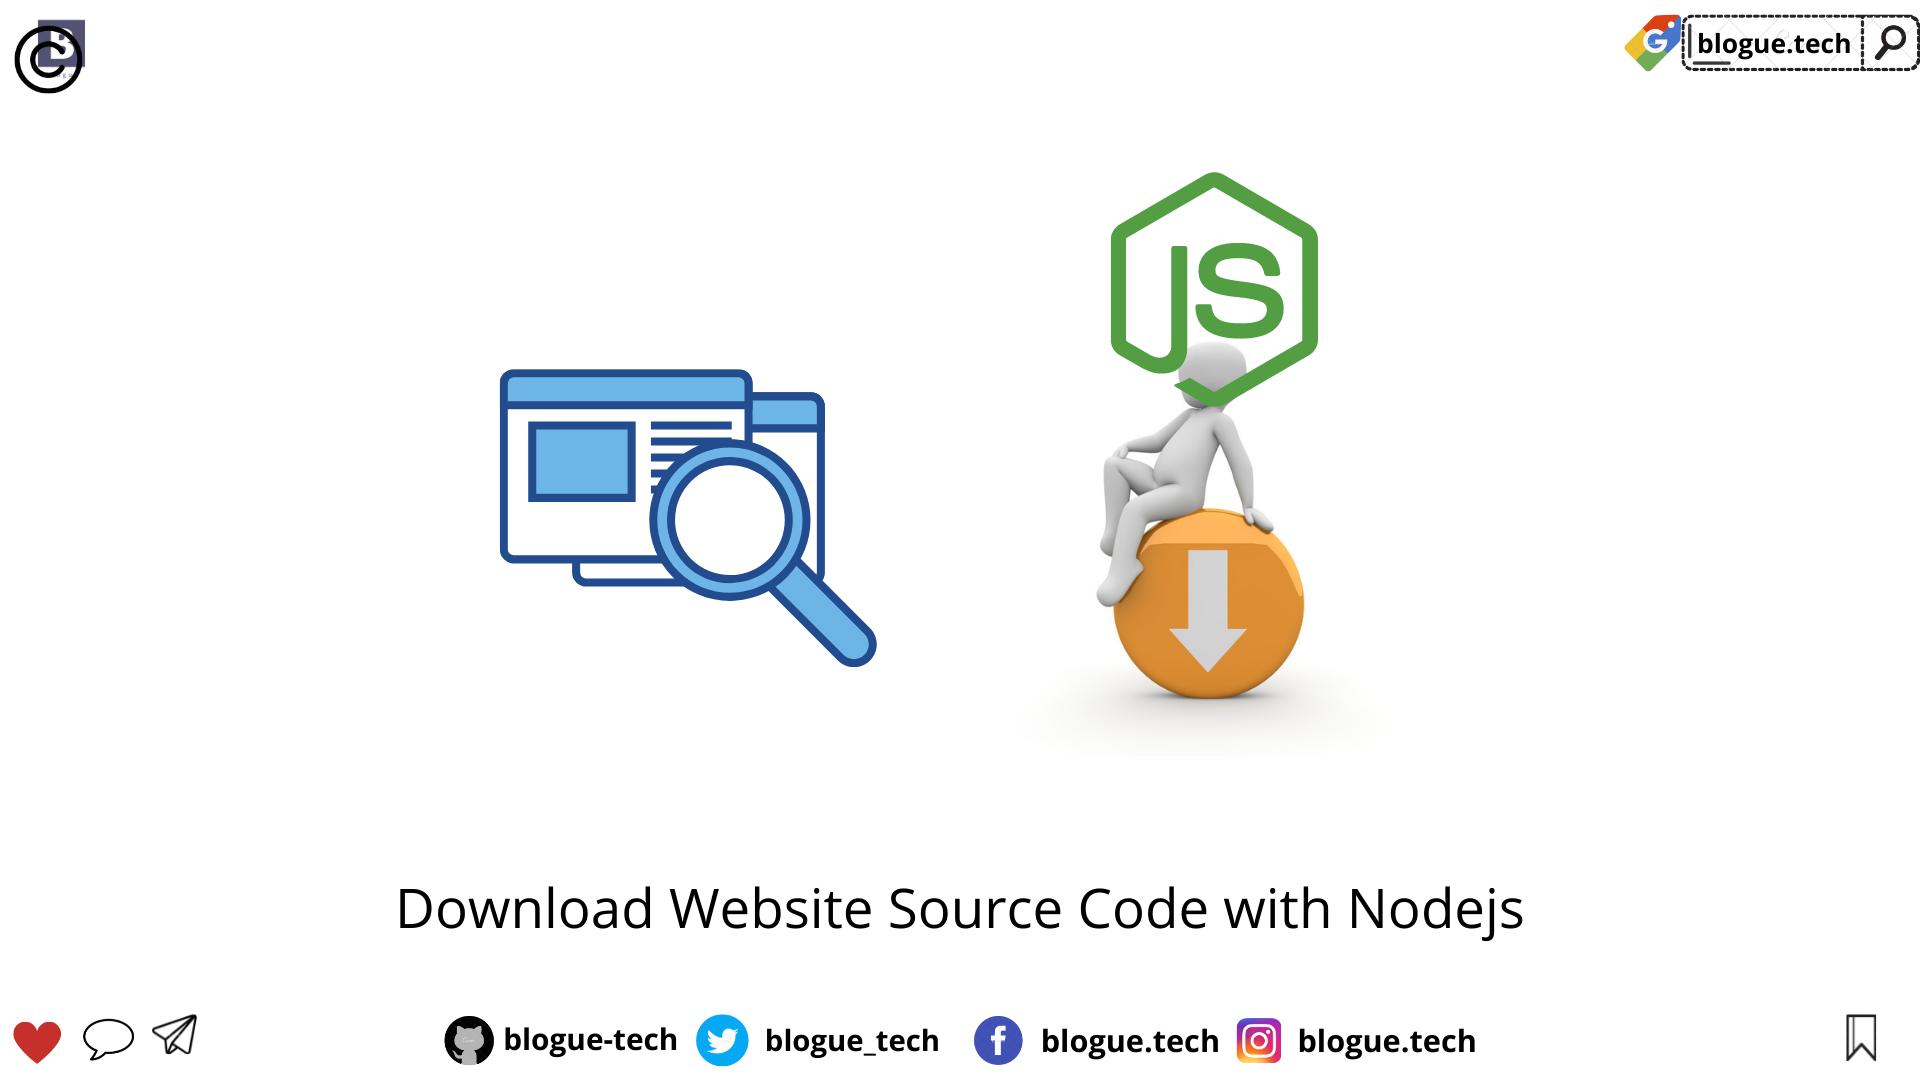 Download Website Source Code with Nodejs